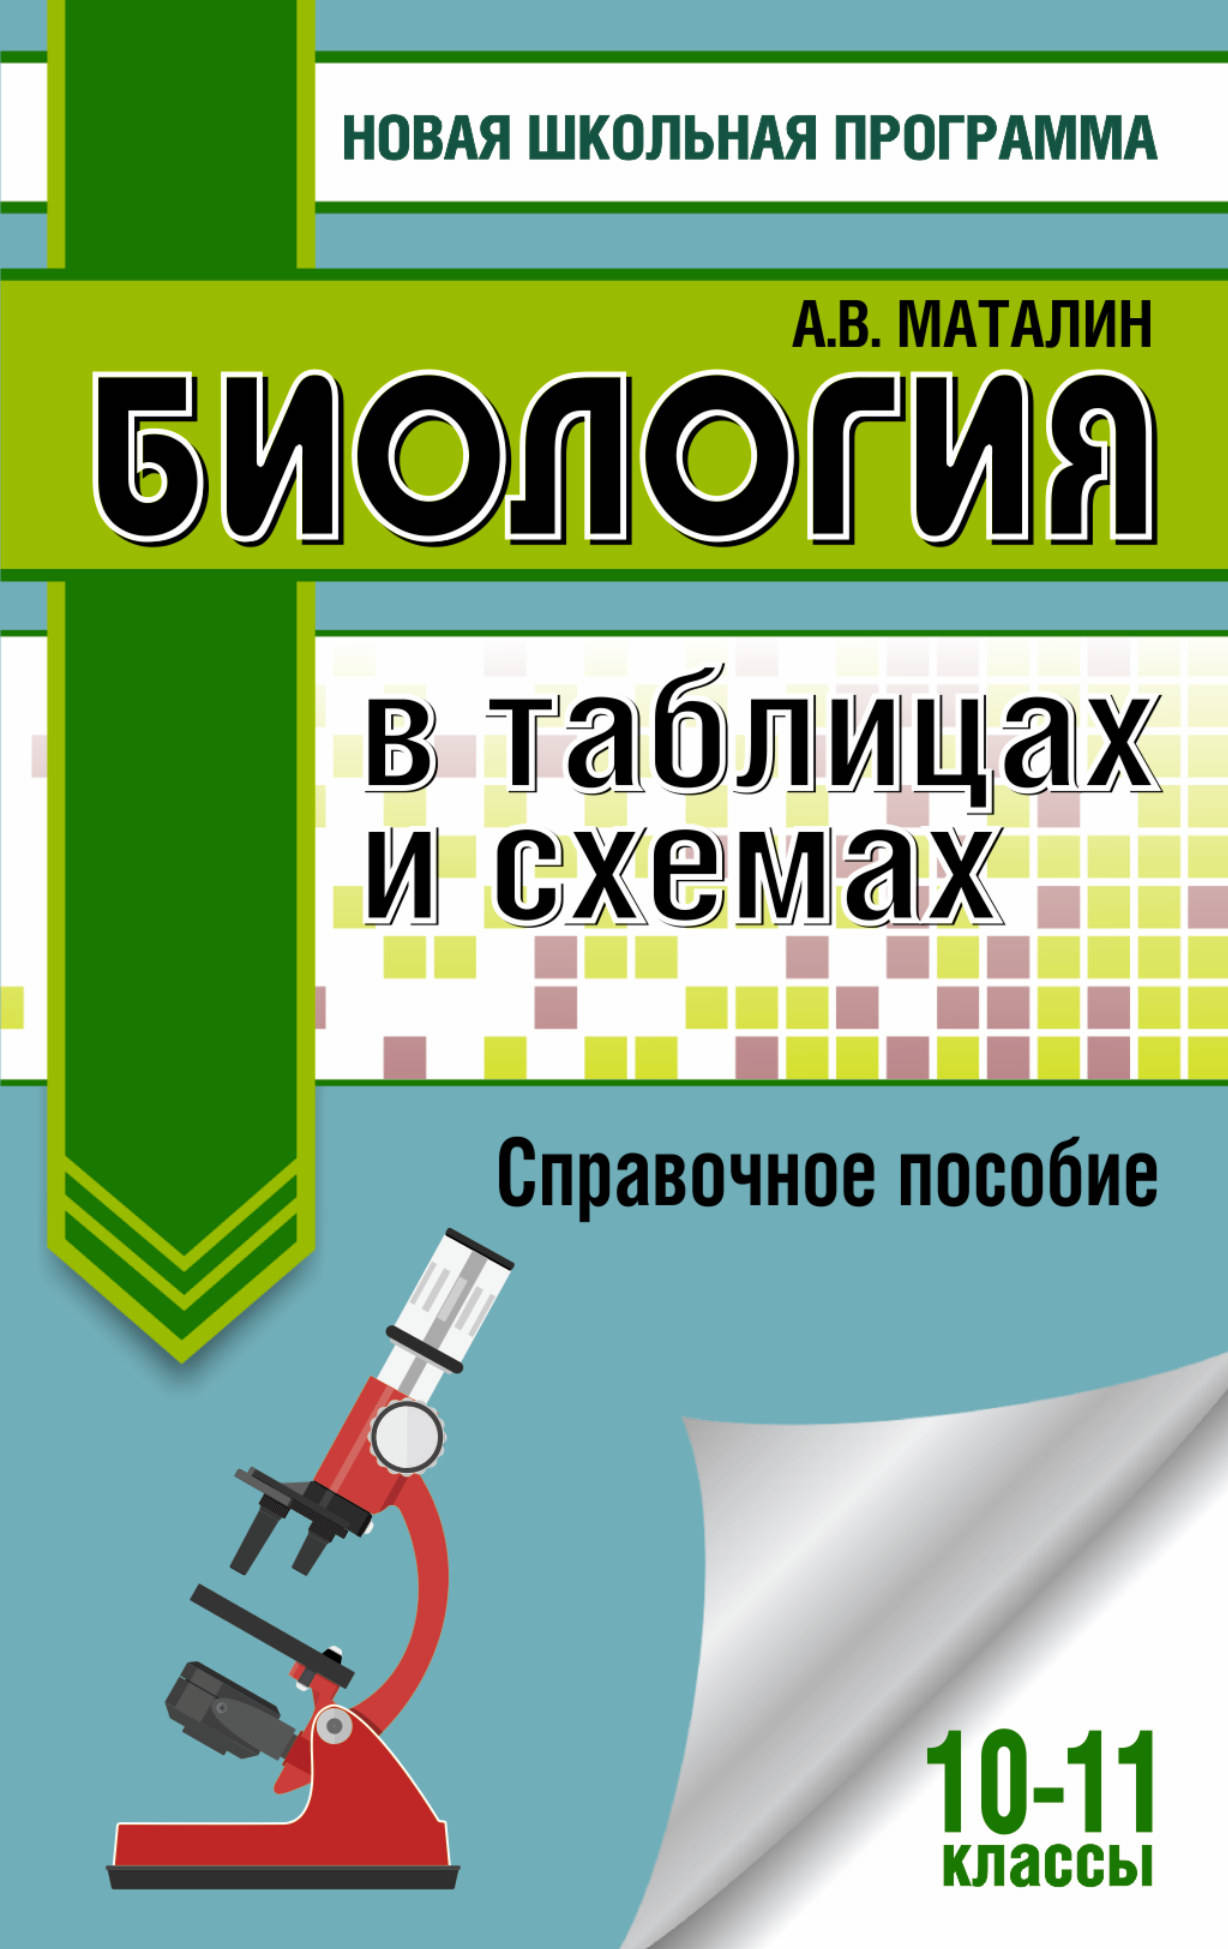 А. В. Маталин Биология в таблицах и схемах. 10-11 классы. Справочное пособие